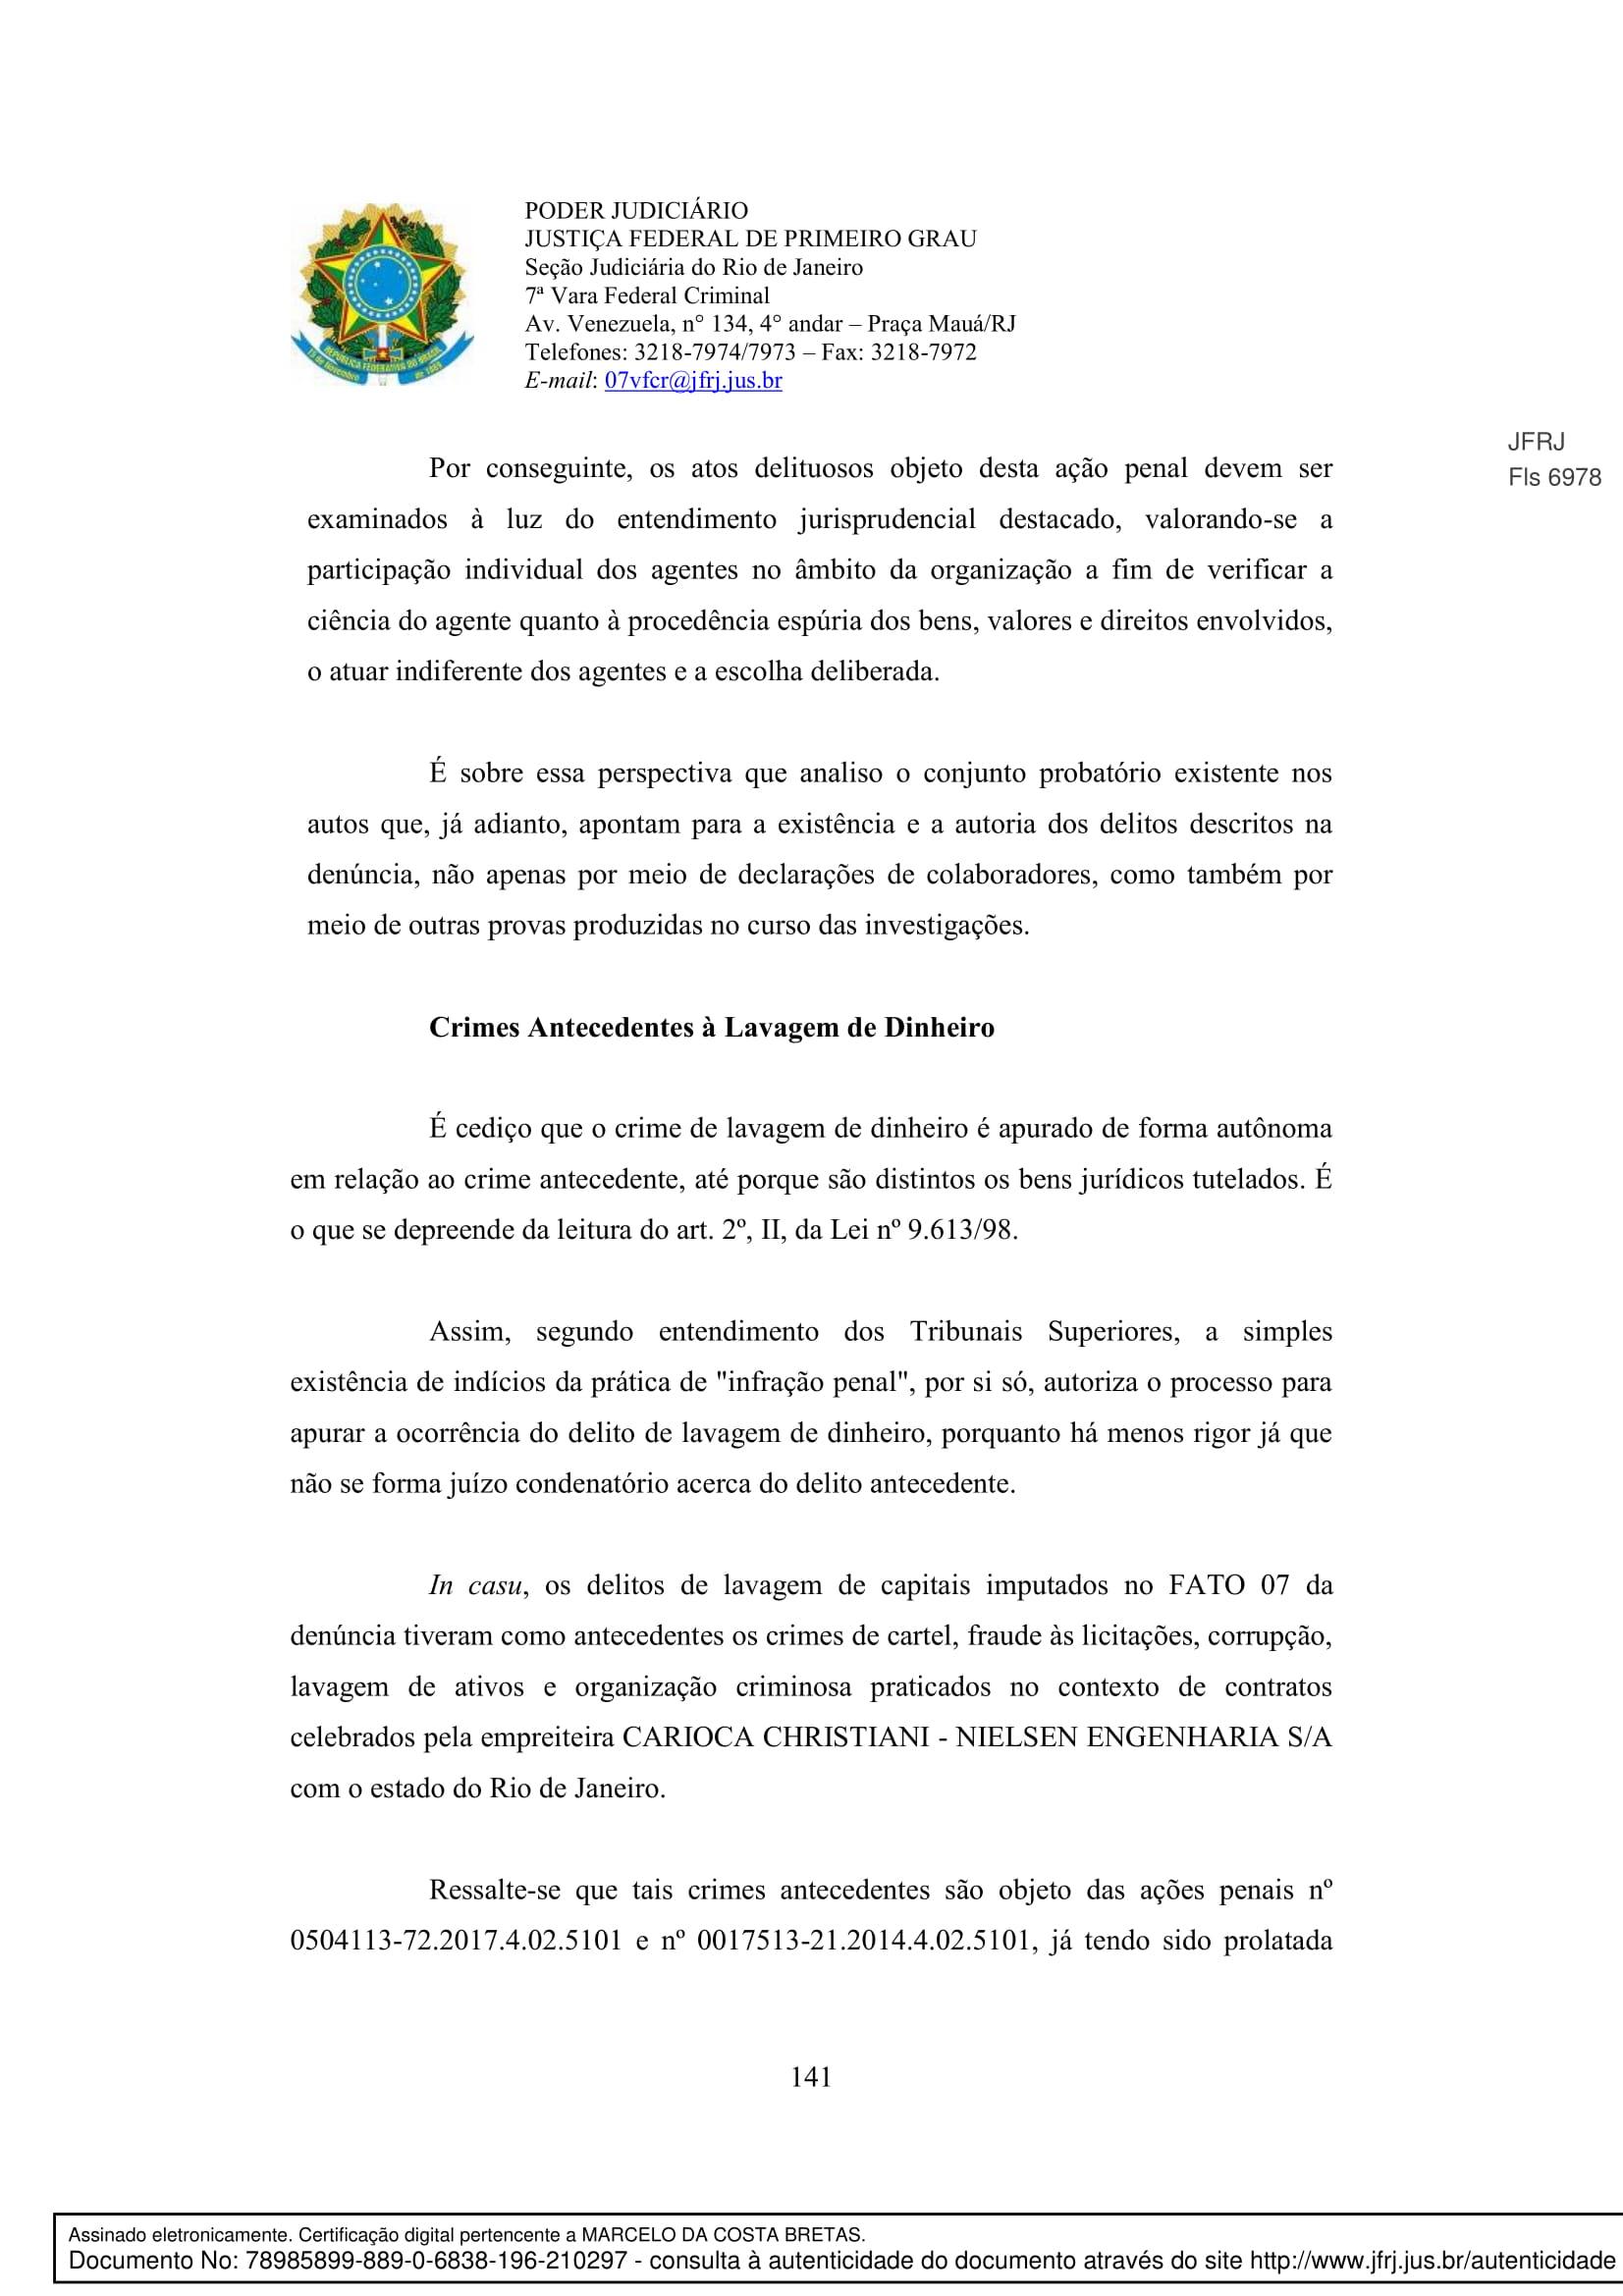 Sentenca-Cadeia-Velha-7VFC-141